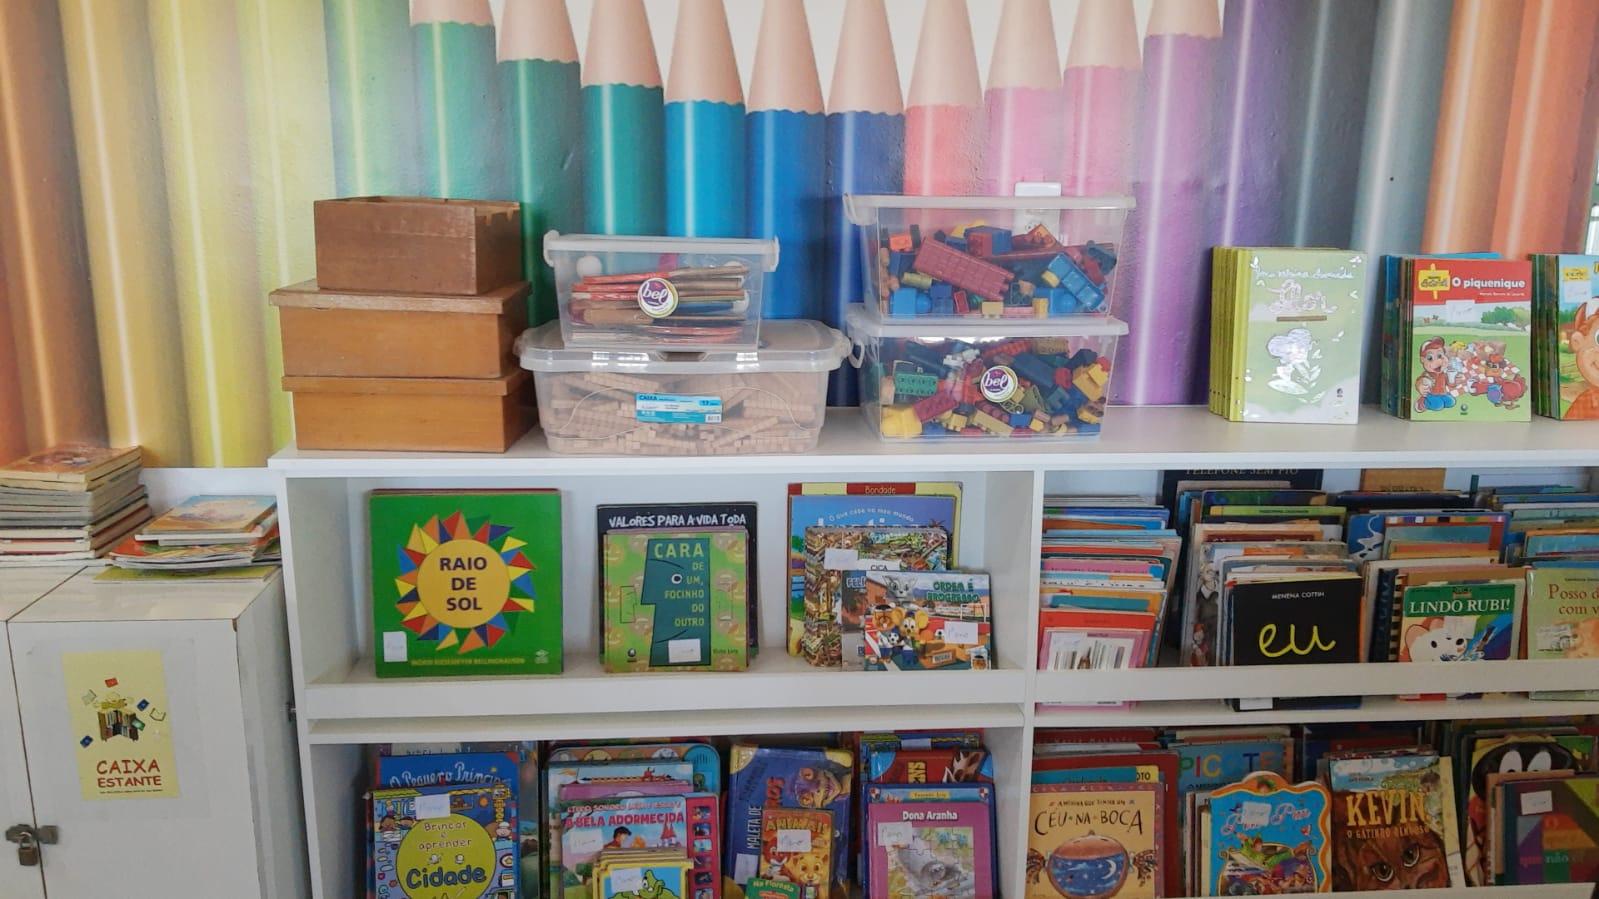 Corrente do bem – Dermatologista lança campanha de arrecadação de livros e brinquedos infantis